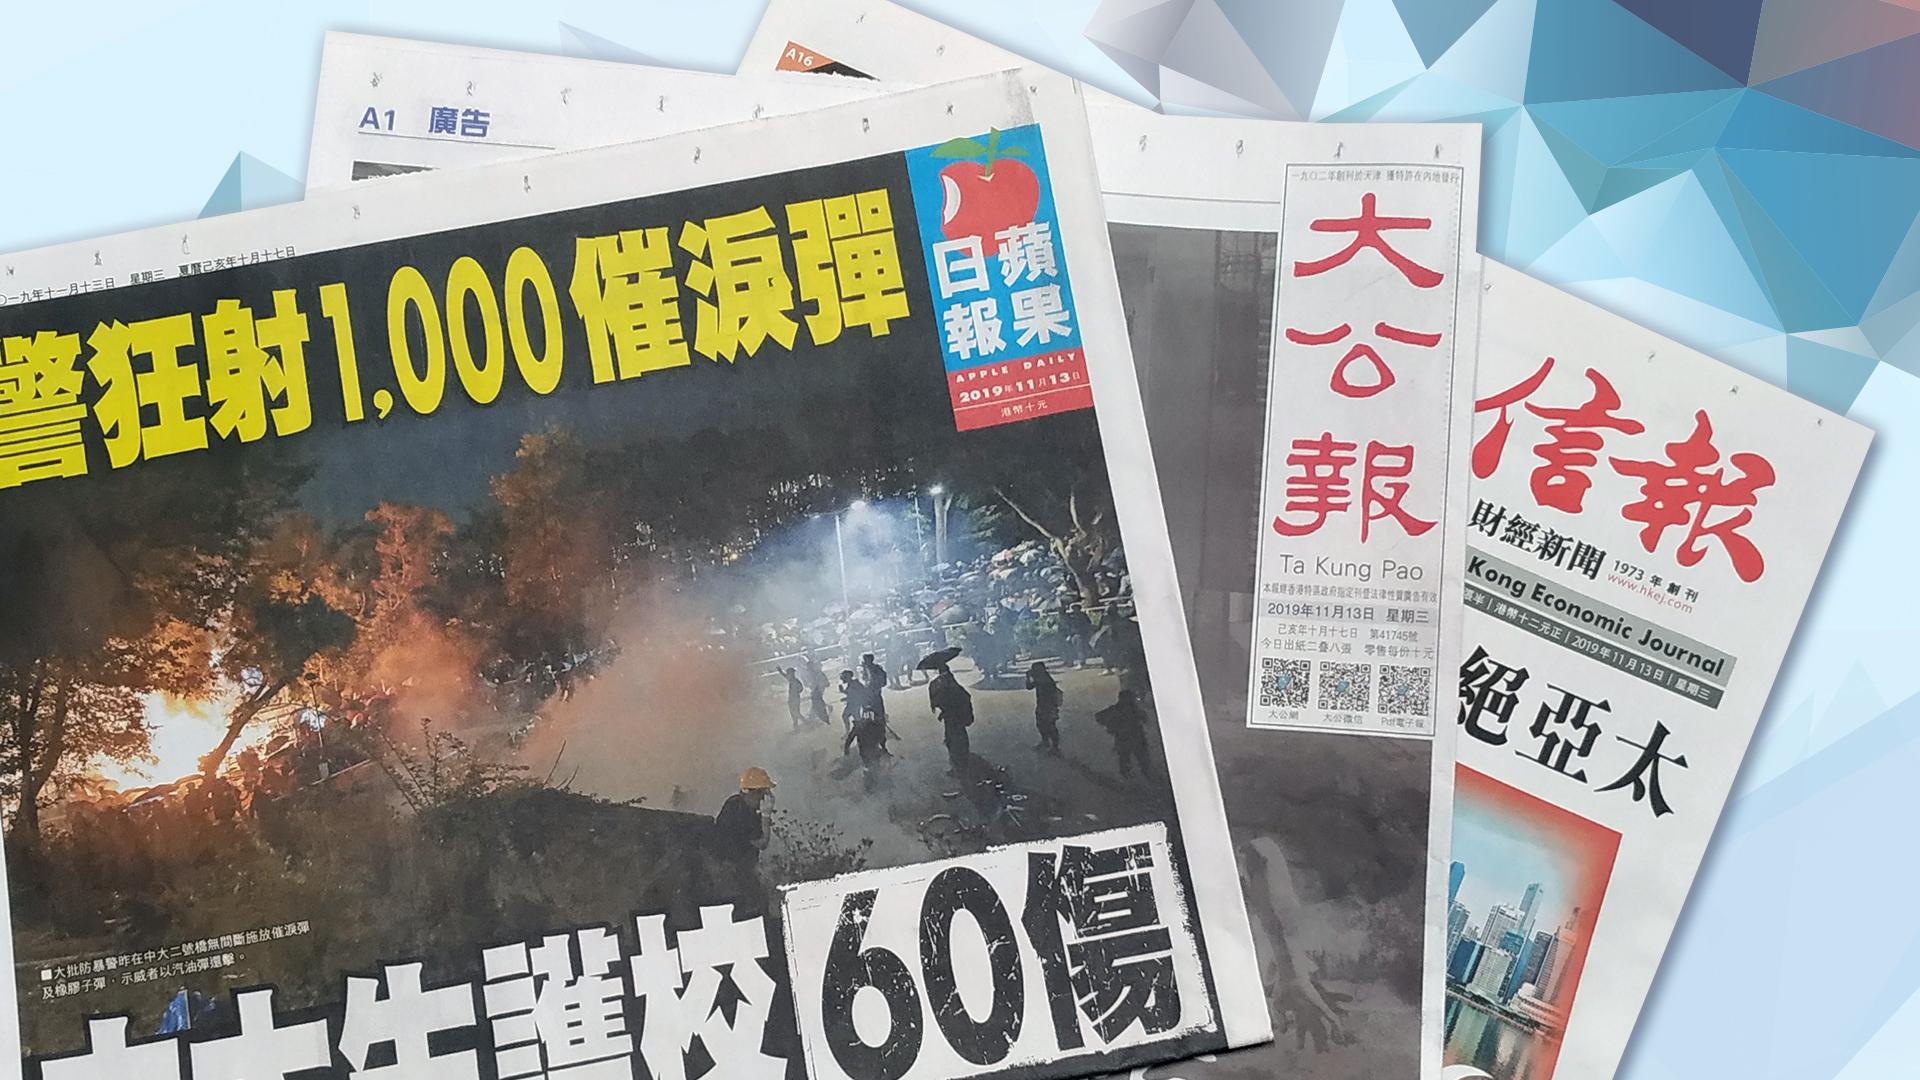 【報章A1速覽】警狂射1,000催淚彈 中大生護校 60傷;港股樓前景跑輸星洲 差絕亞太